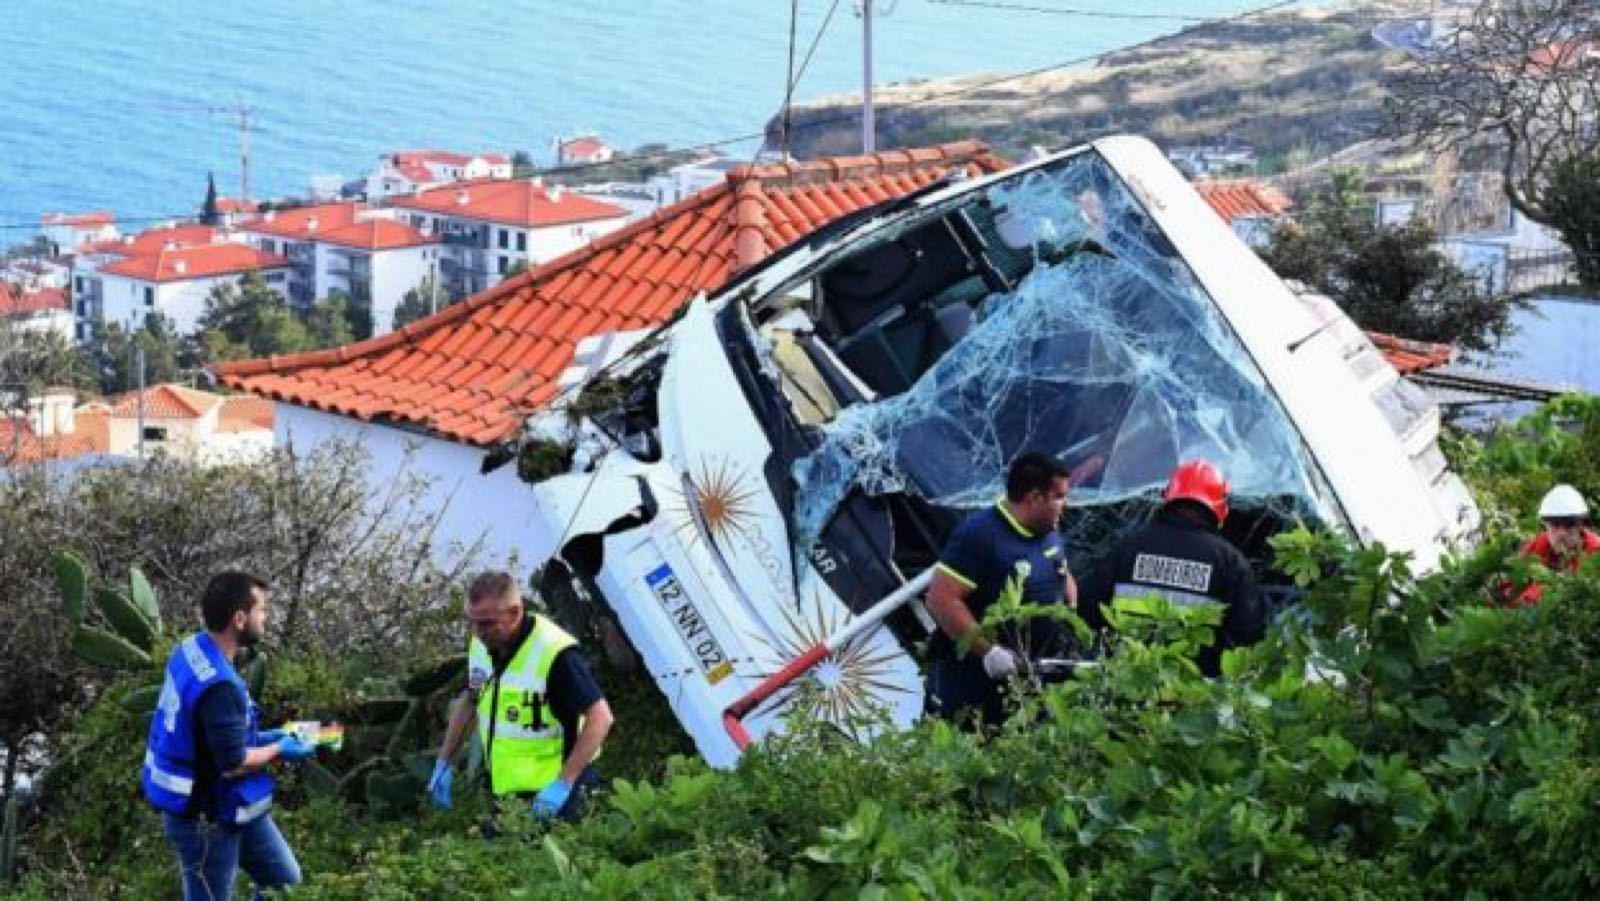 葡萄牙旅游车侧翻致多名德国游客身亡,葡总理致电默克尔